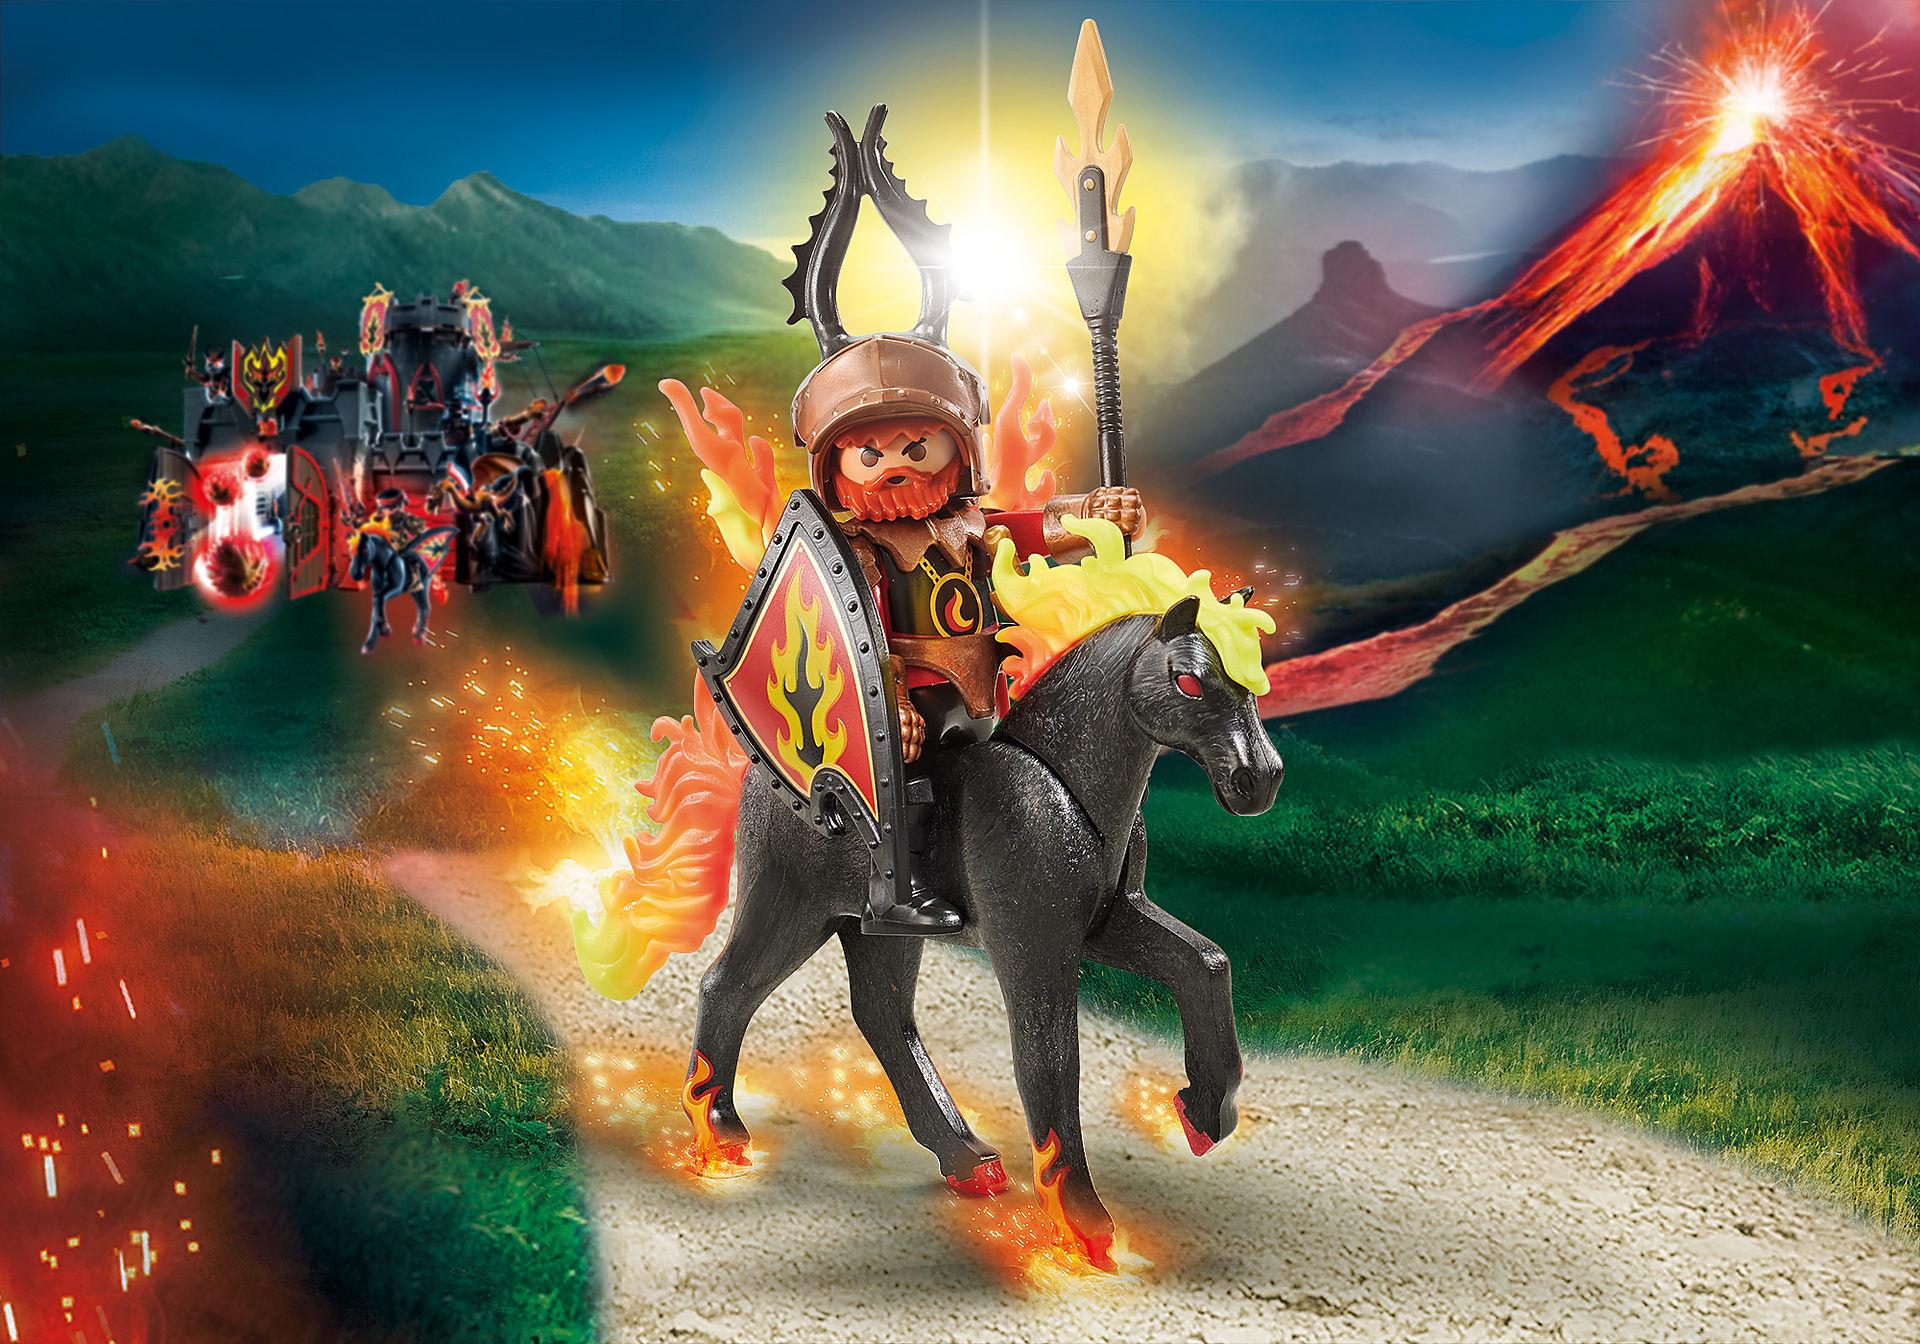 9882 Feuerpferd mit Reiter (Burnham Raiders) zoom image1